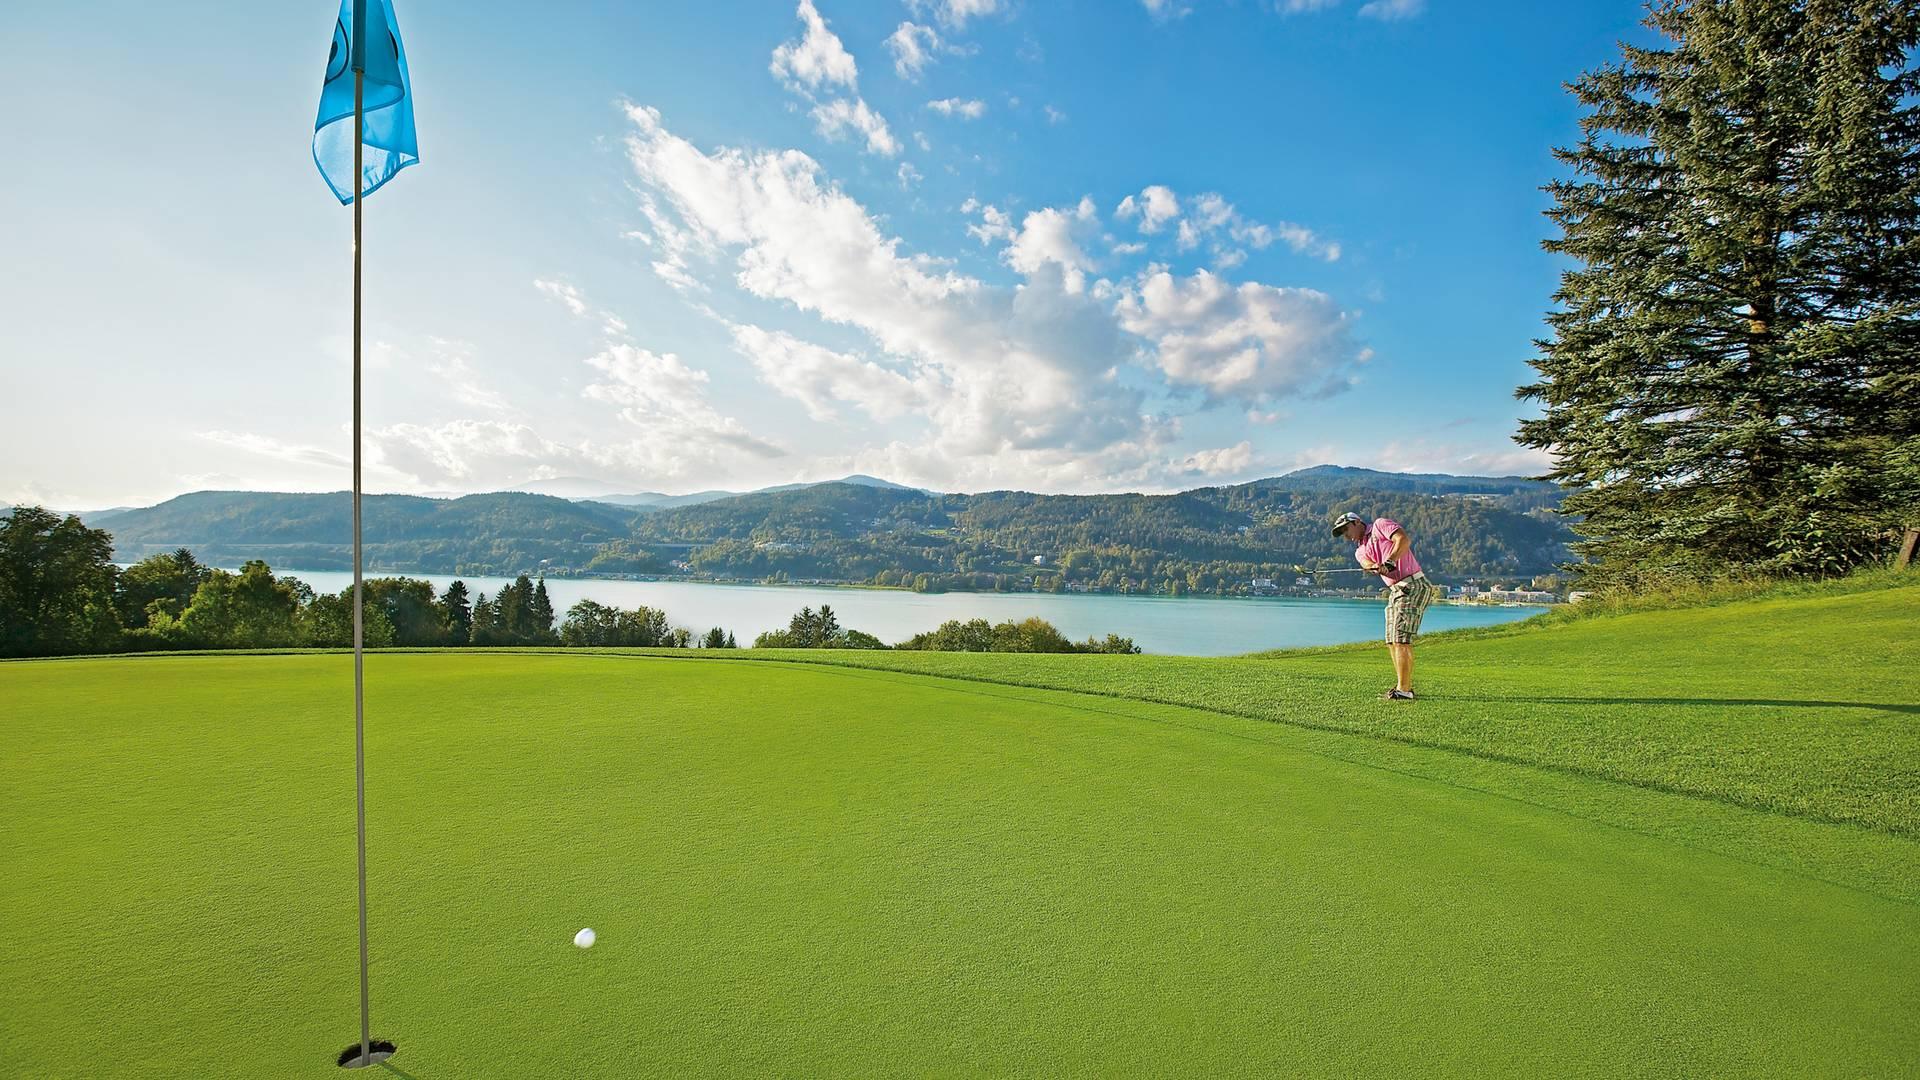 TineSTEINTHALER_KaerntenWerbung_Golf_Dellach_RGB.jpg